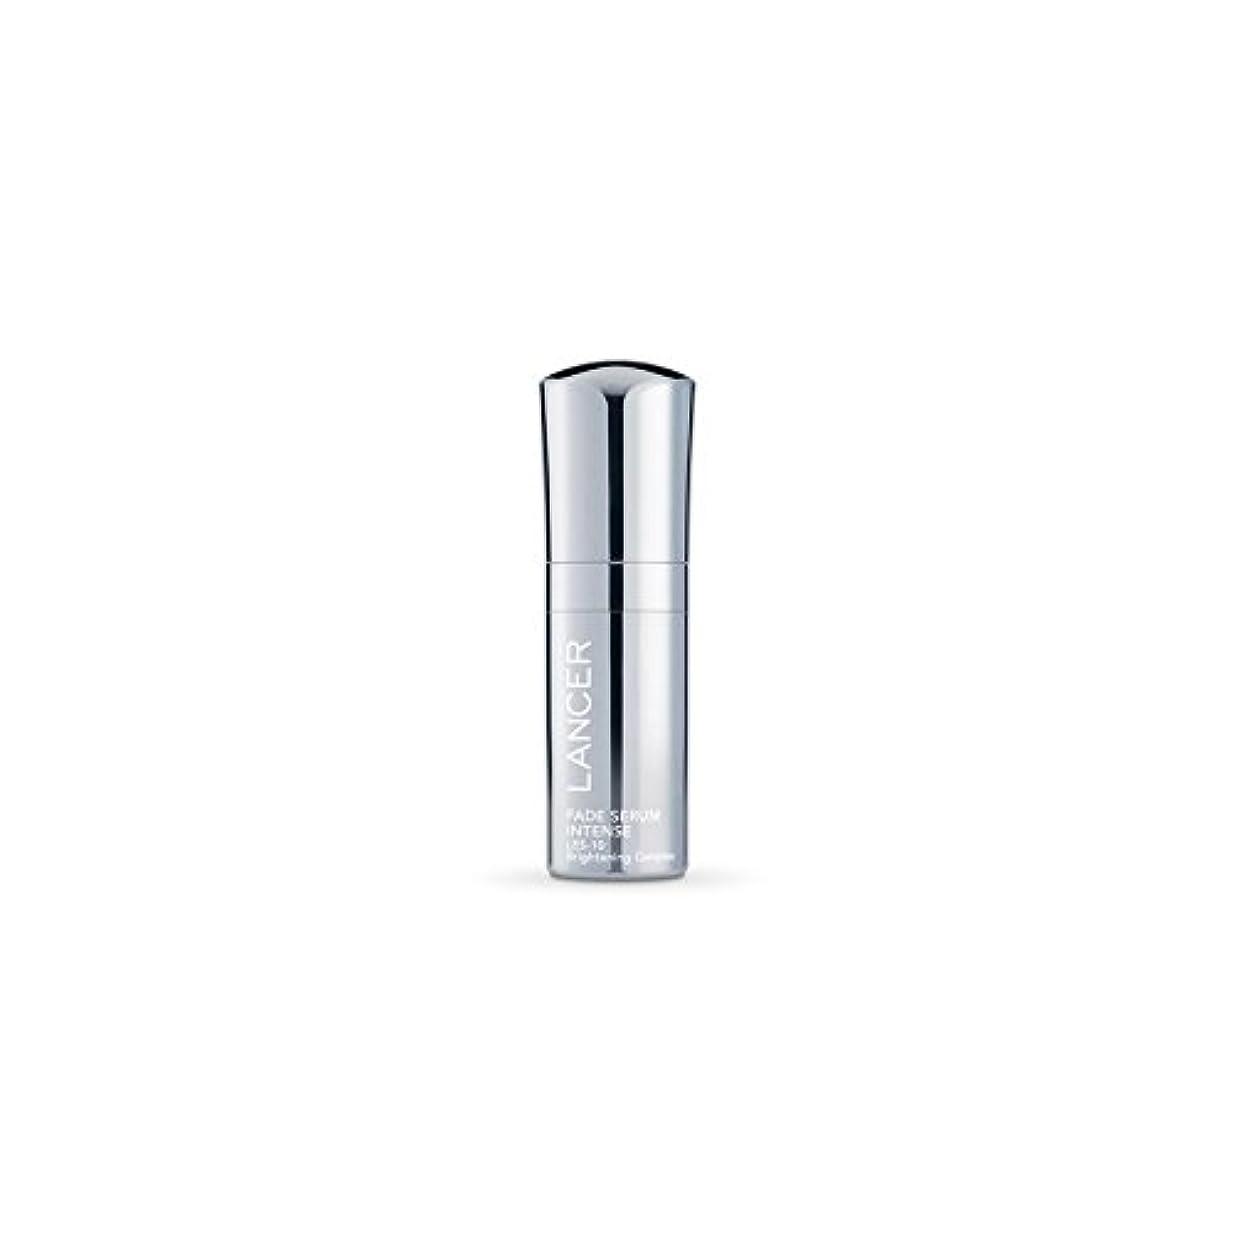 ベイビー返済戻すLancer Skincare Fade Serum Intense (30ml) - 強烈ランサースキンケアフェード血清(30ミリリットル) [並行輸入品]